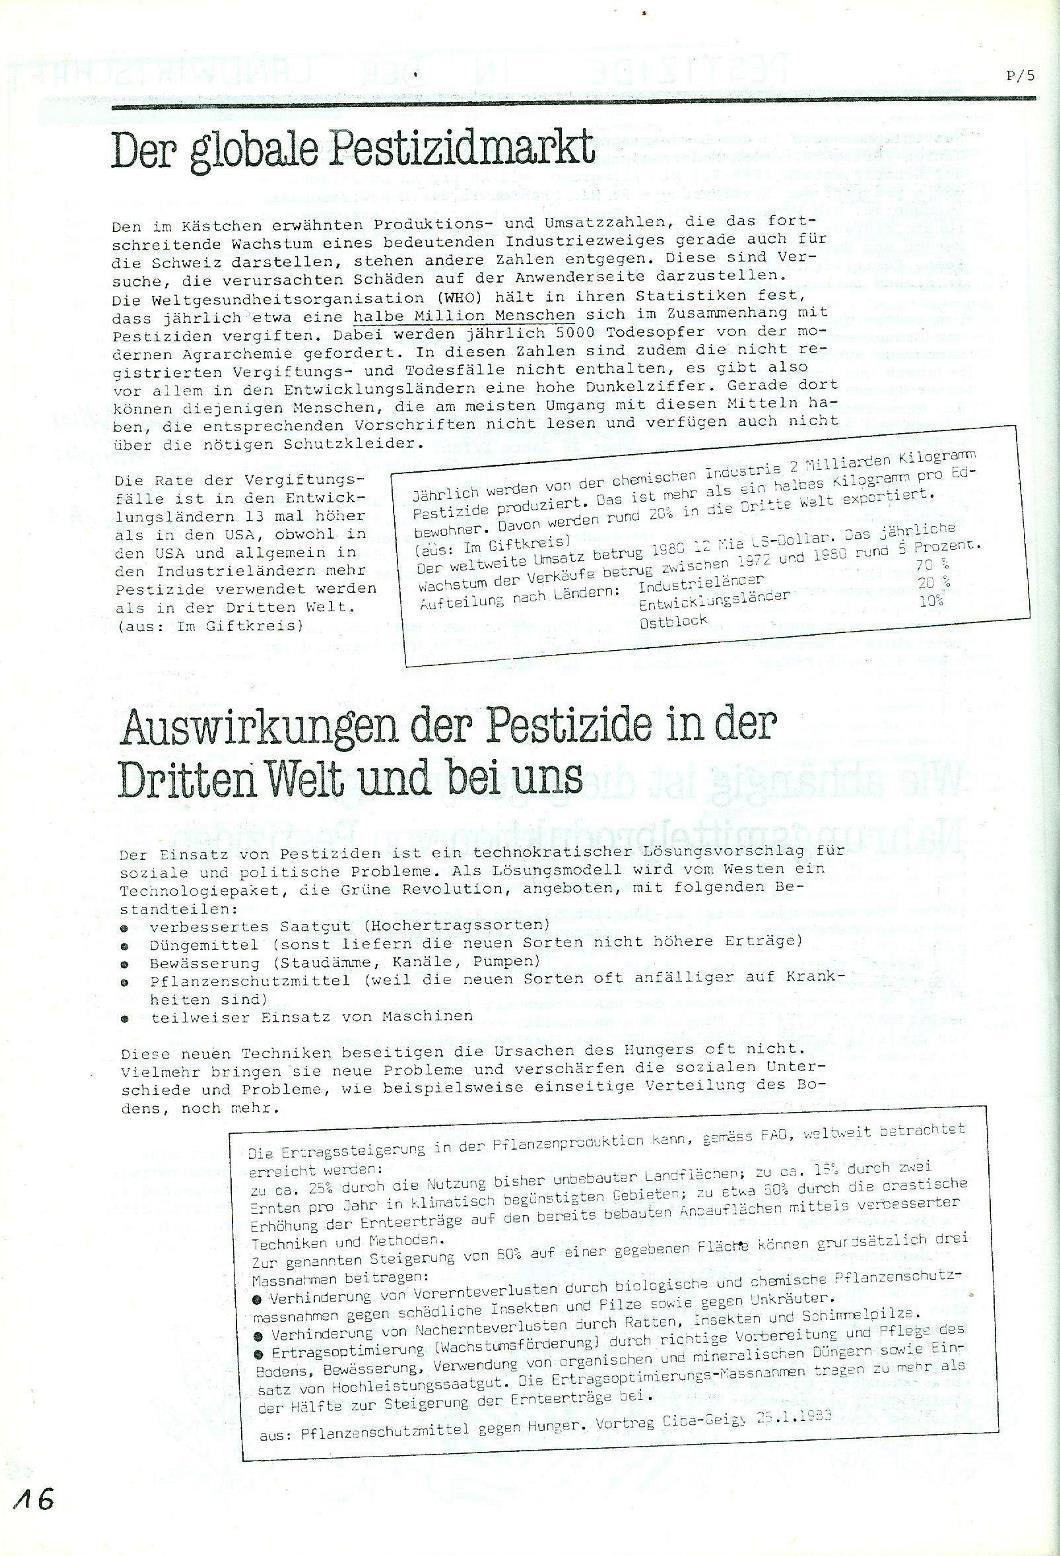 Hamburg_AKW807